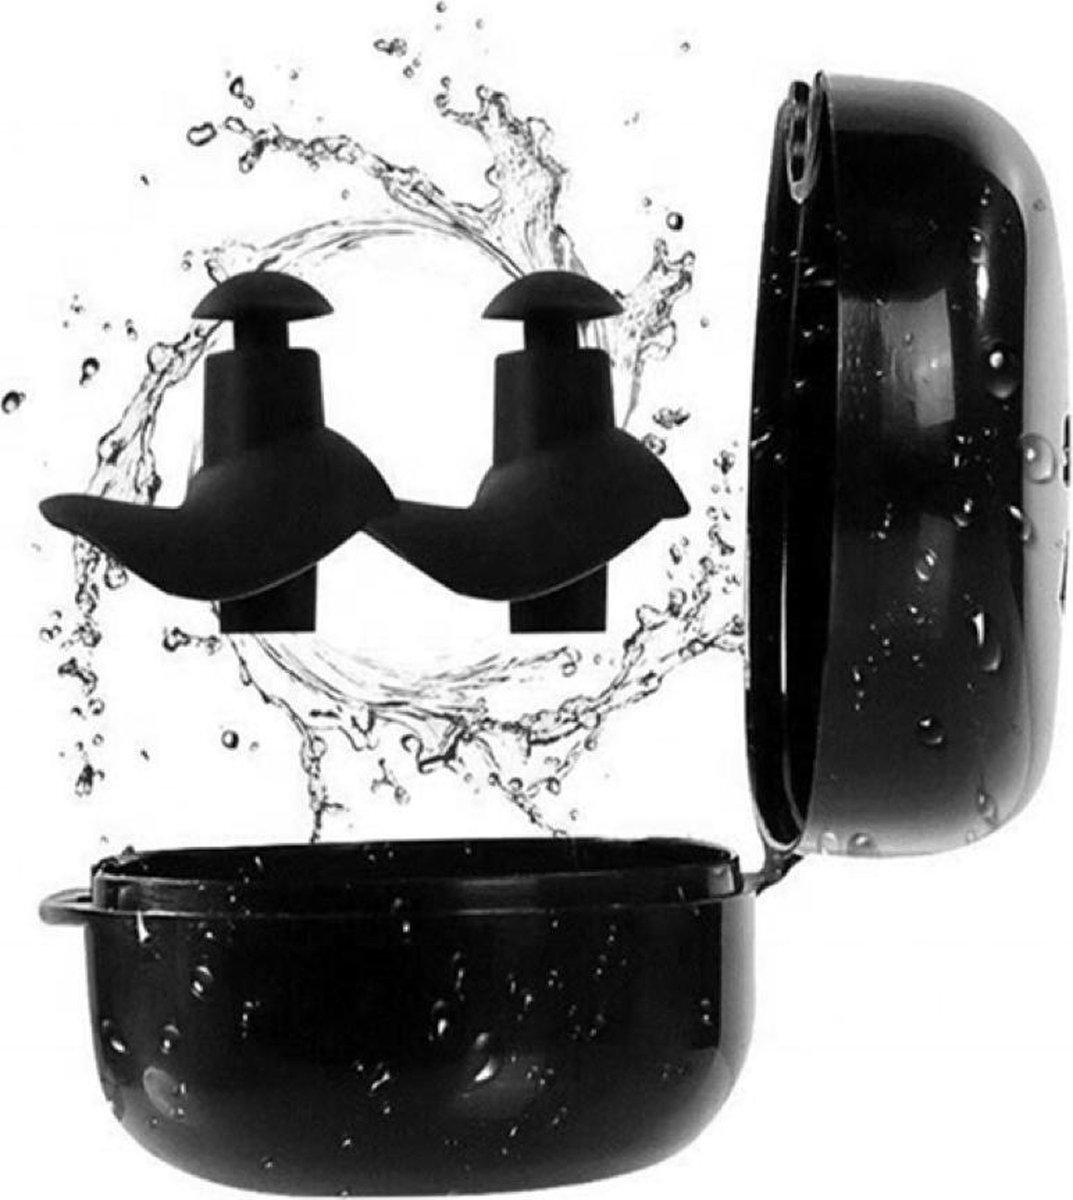 Zwem Oordopjes - Gehoorbescherming - Waterdichte Siliconen oordopjes - Snurken - Partyplugs - Herbru